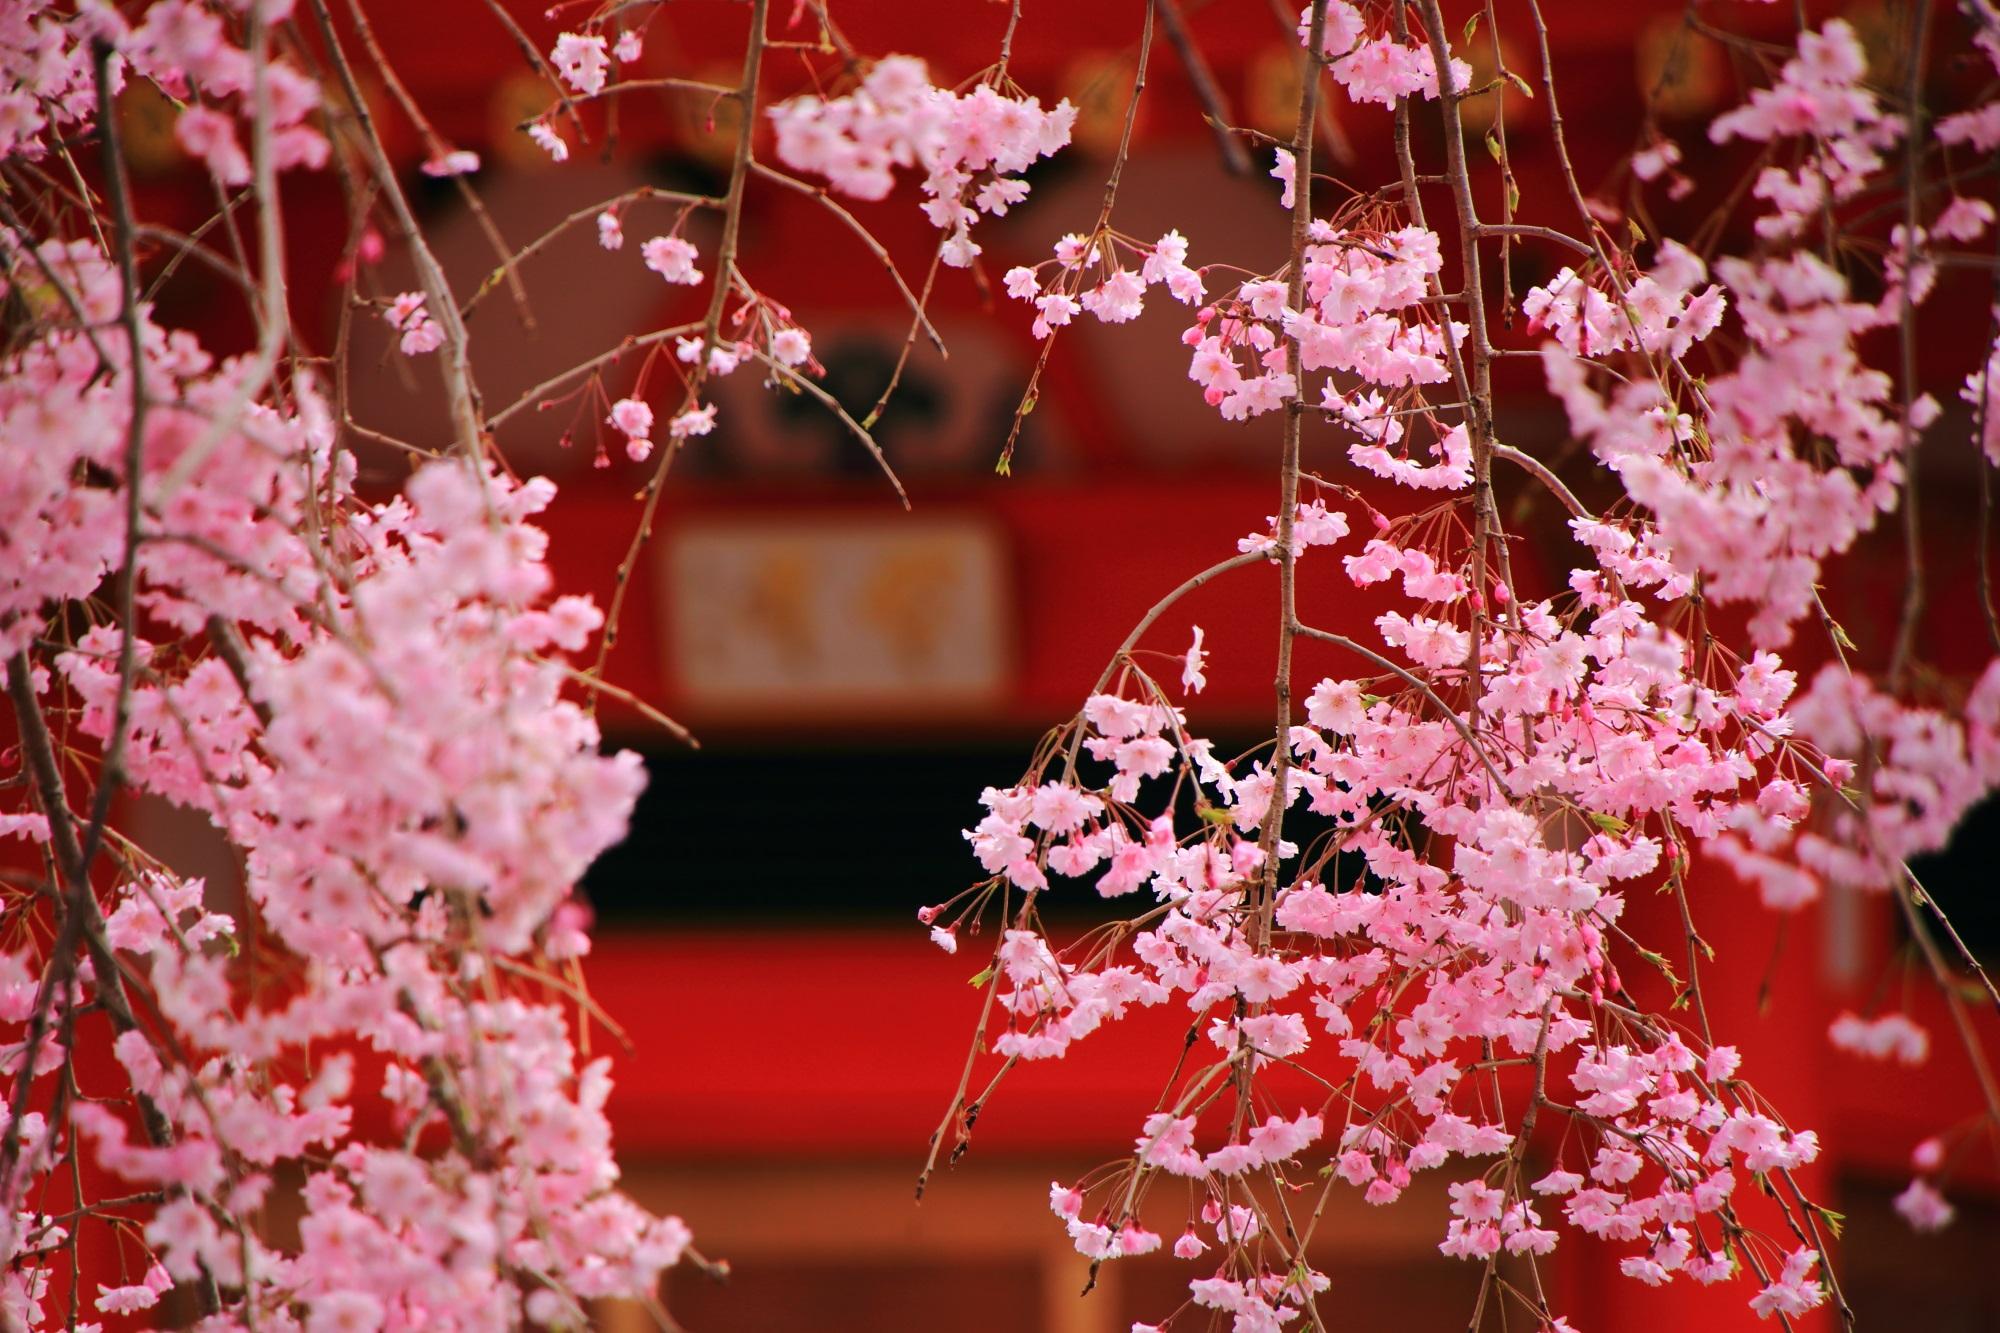 遍照塔の鮮やかな朱色に映える華やかな桜のピンク